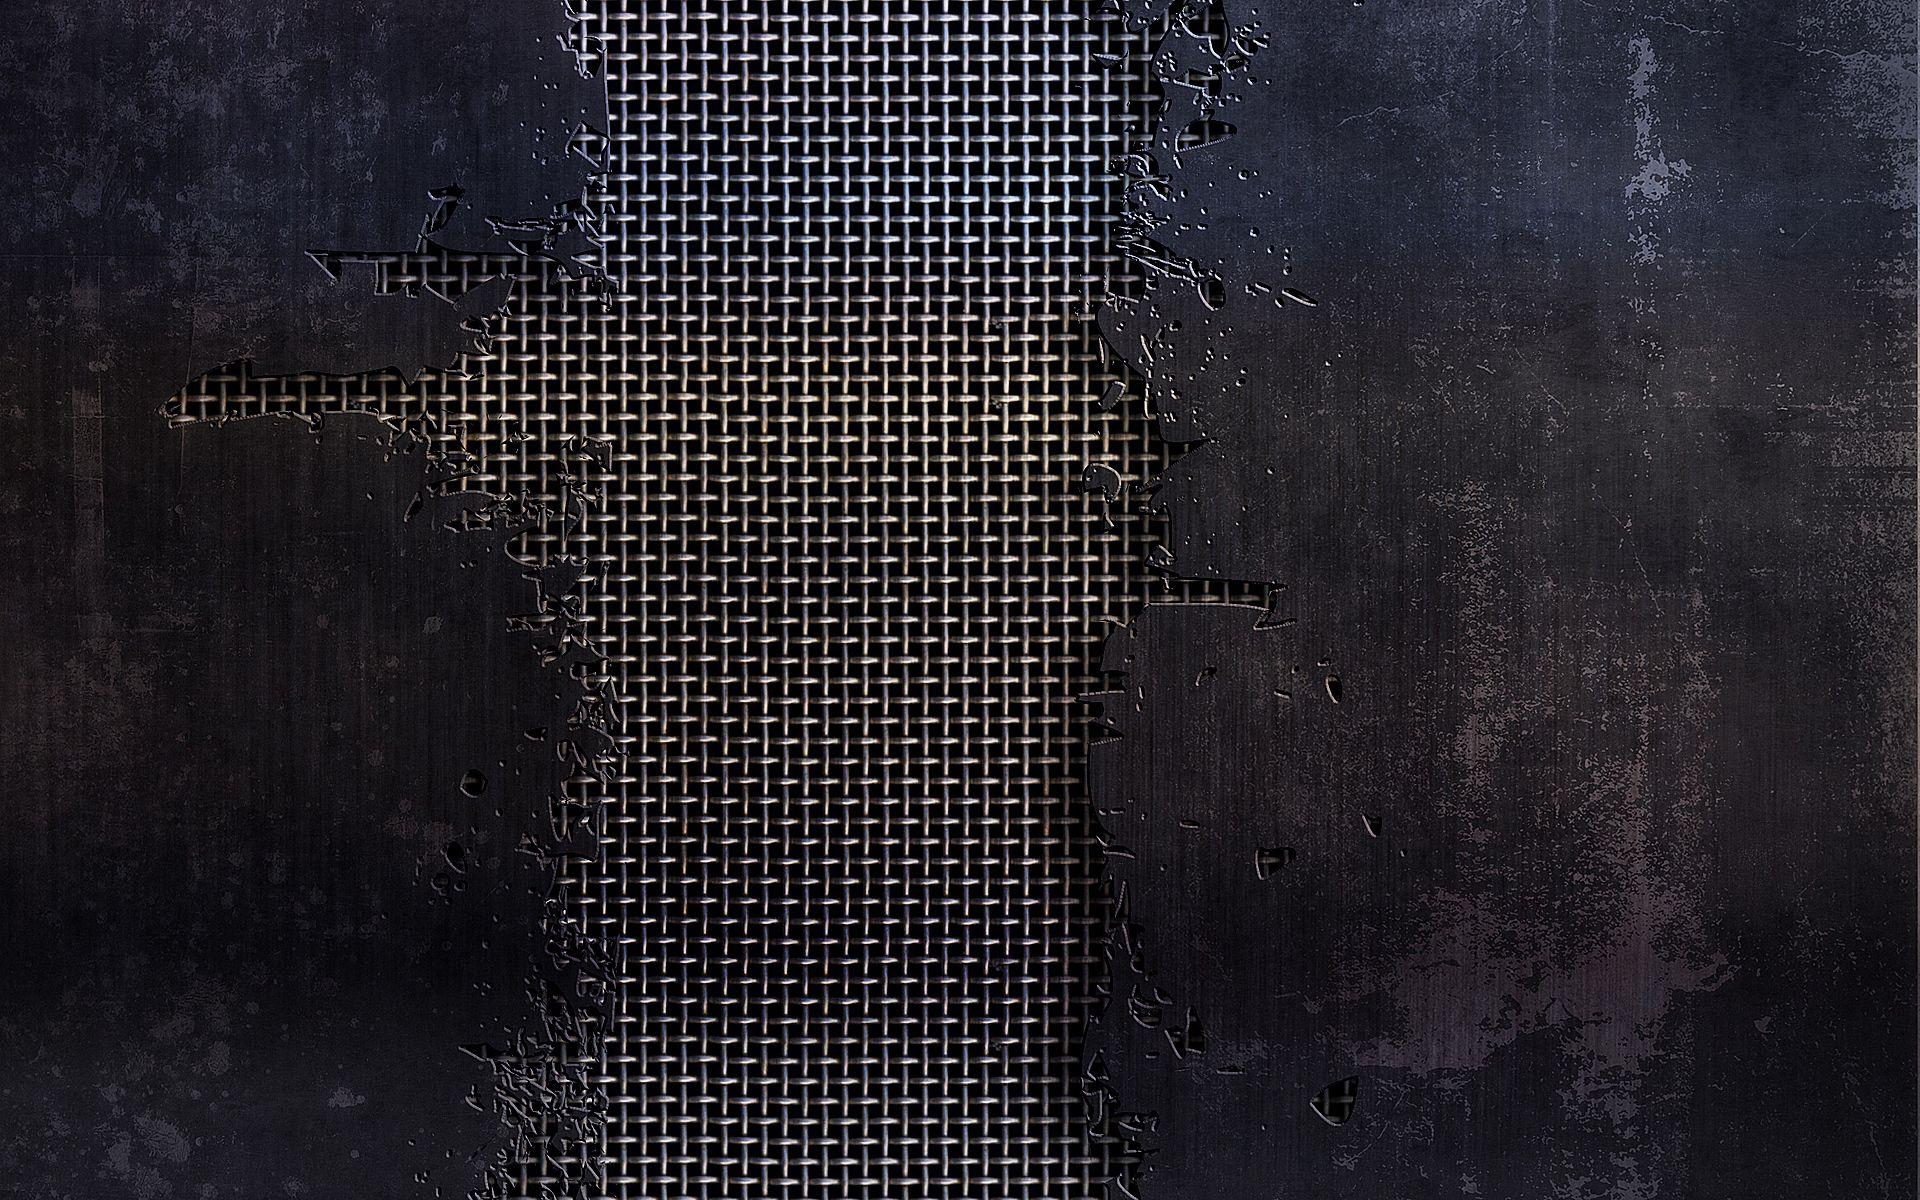 59342 Protetores de tela e papéis de parede Metal em seu telefone. Baixe Textura, Texturas, Rede, Grade, Bw, Chb, Metal, Arranhões, Rachaduras, Fenda fotos gratuitamente